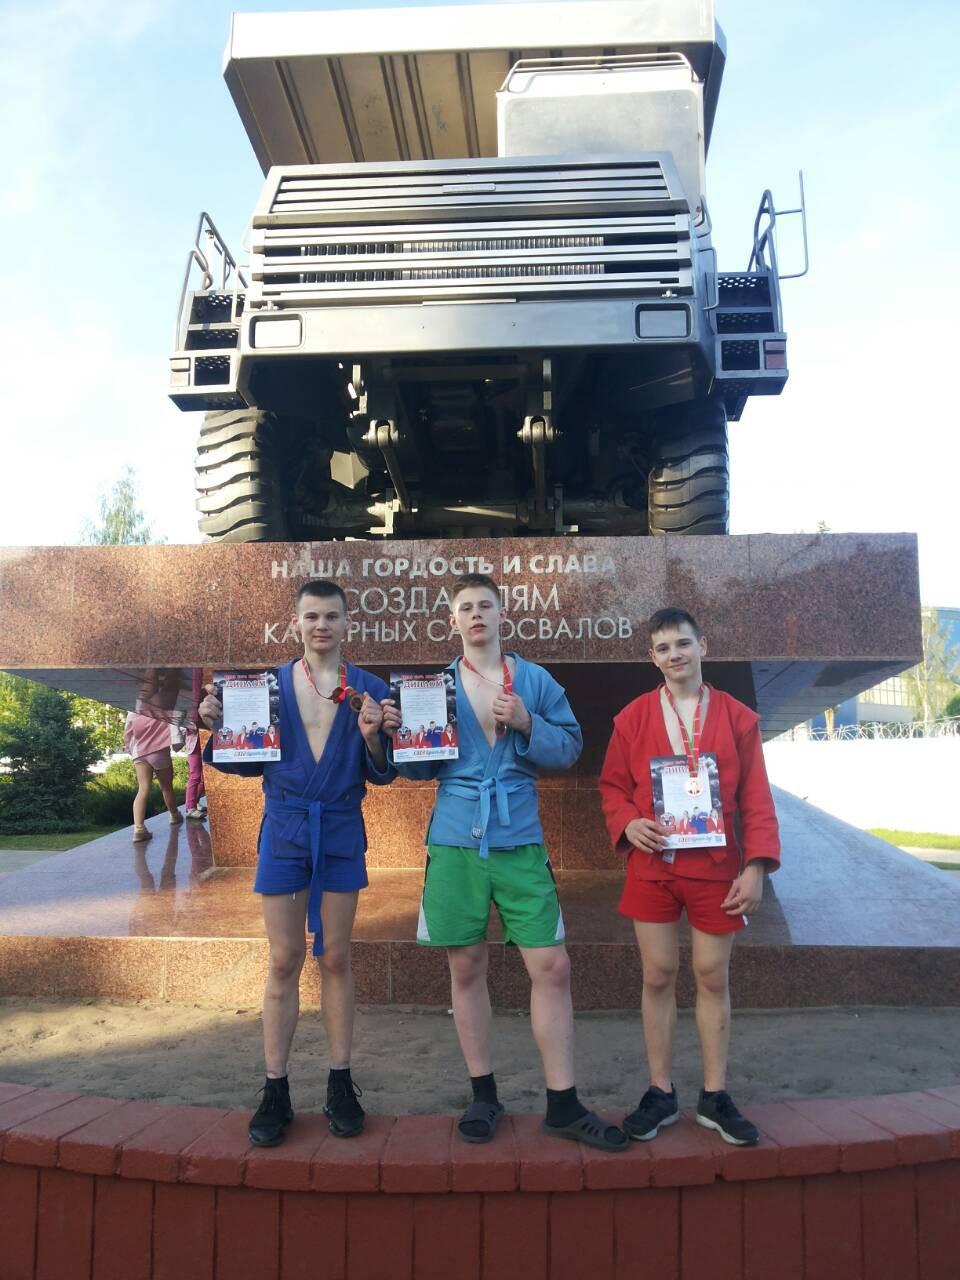 «Золото» из Жодино привезли в Бобруйск дзюдоисты